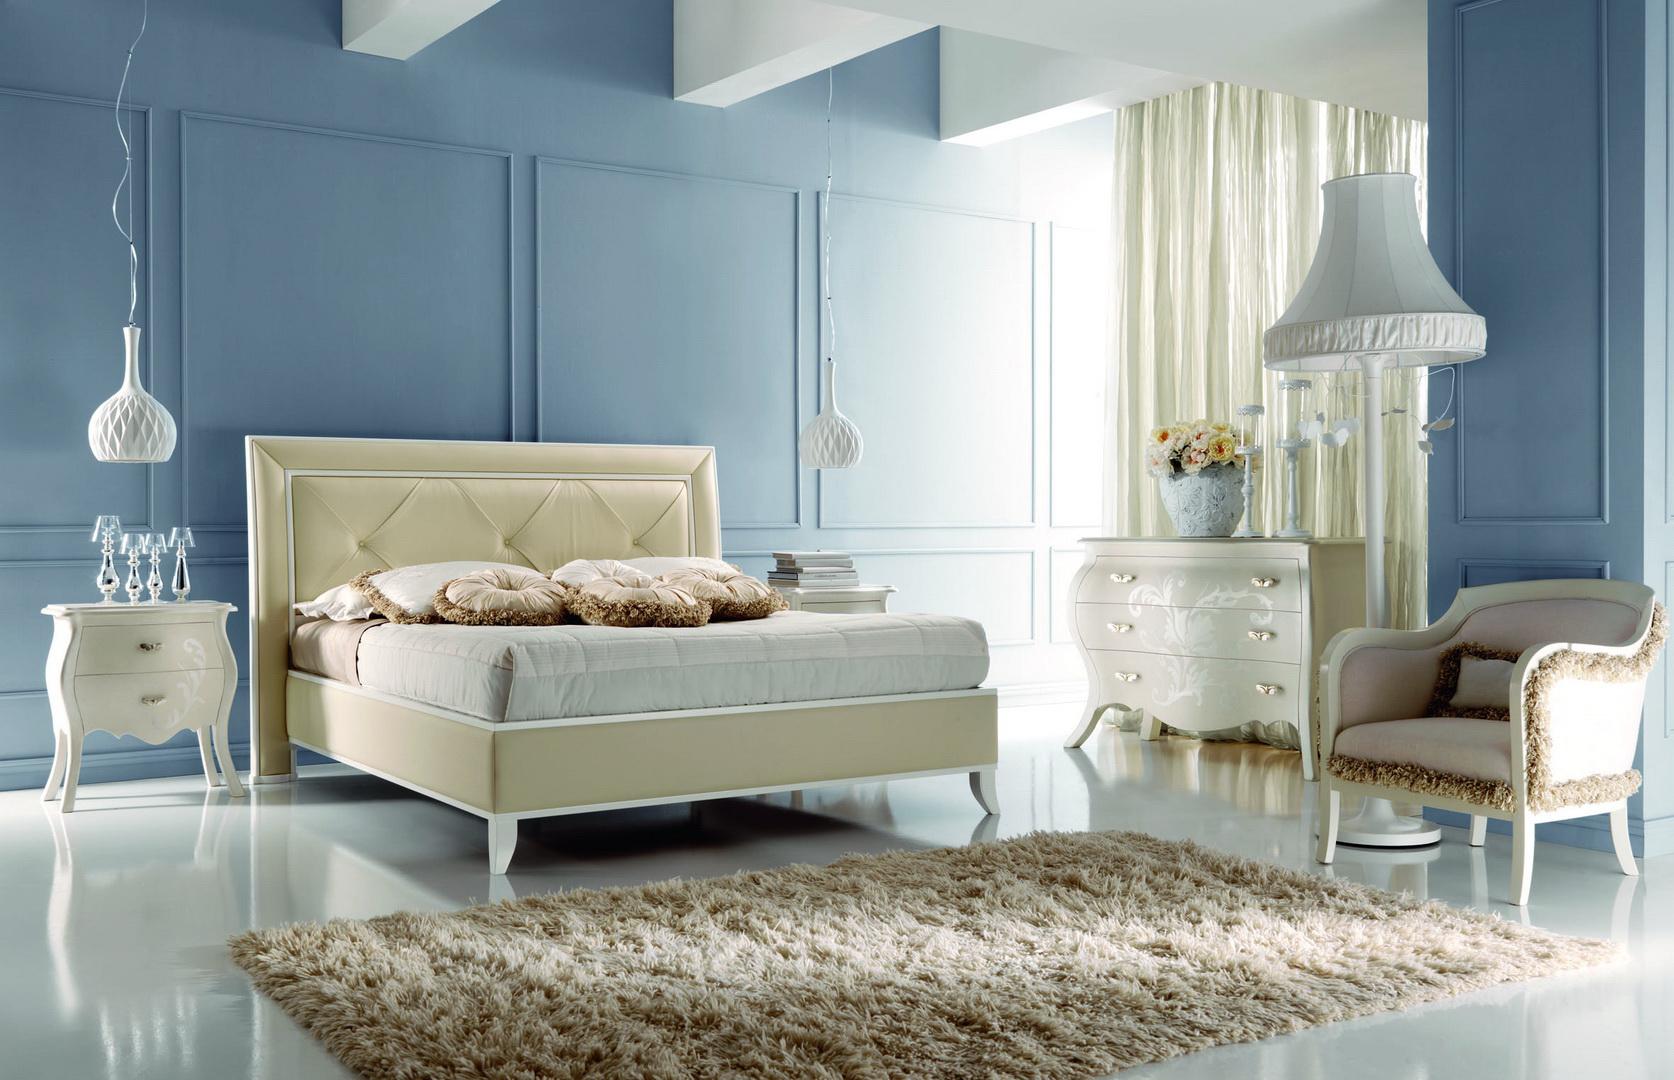 Camera da letto mm10002 c4 home arredamenti cosenza for C4 arredamenti